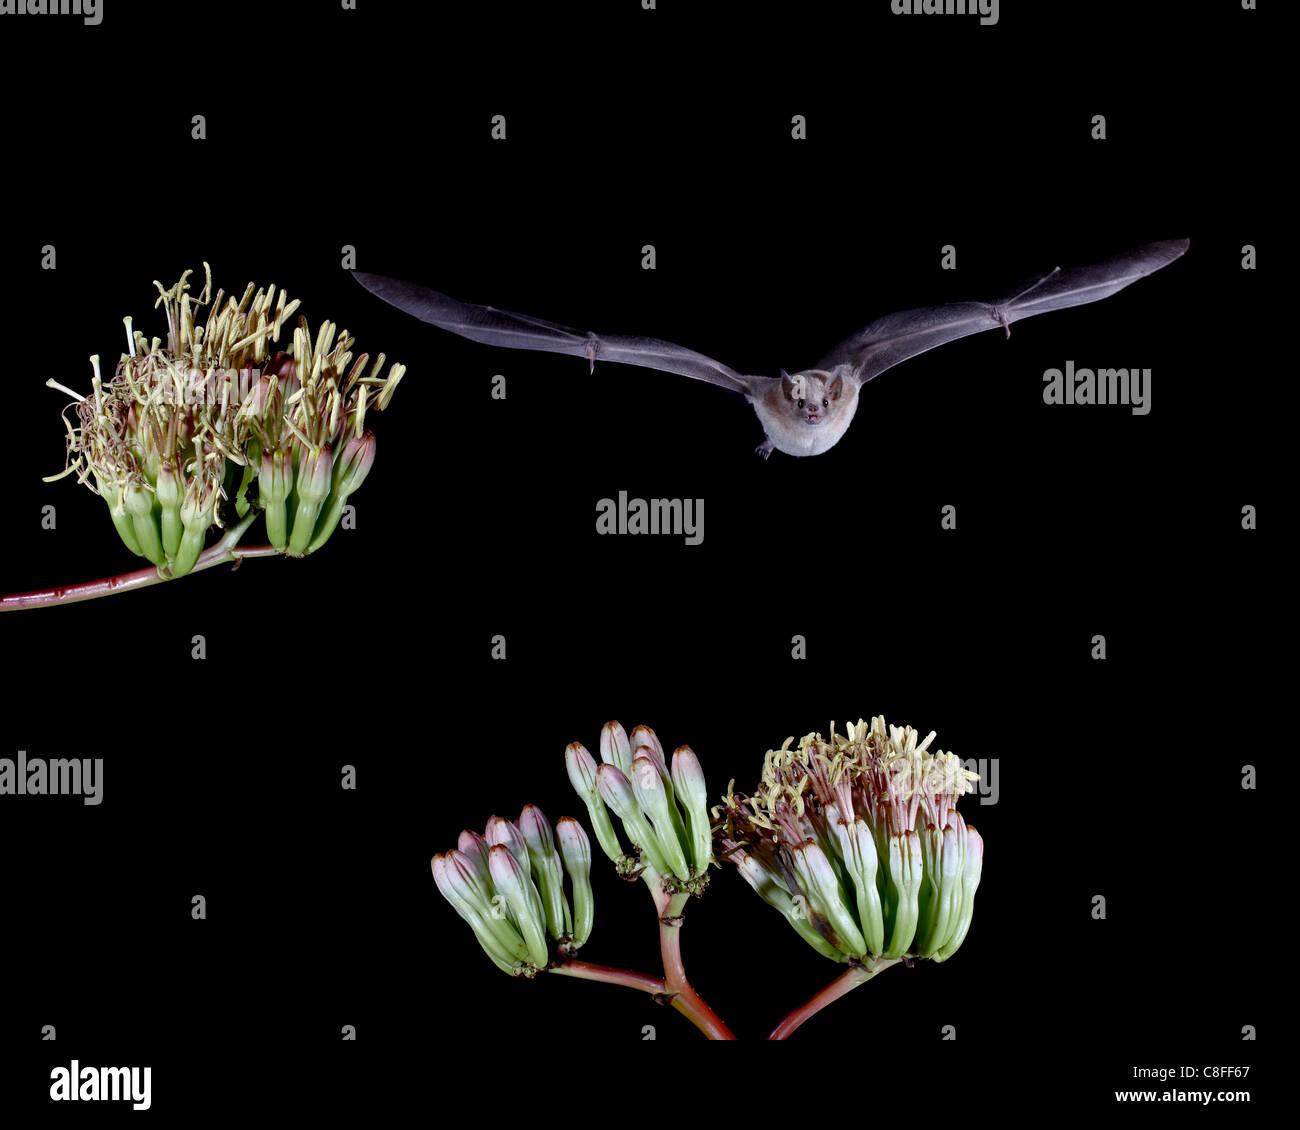 Bec long moindre Leptonycteris yerbabuenae (bat) battant par fleurs d'agave, en captivité, comté de Hidalgo, New Mexico, USA Banque D'Images